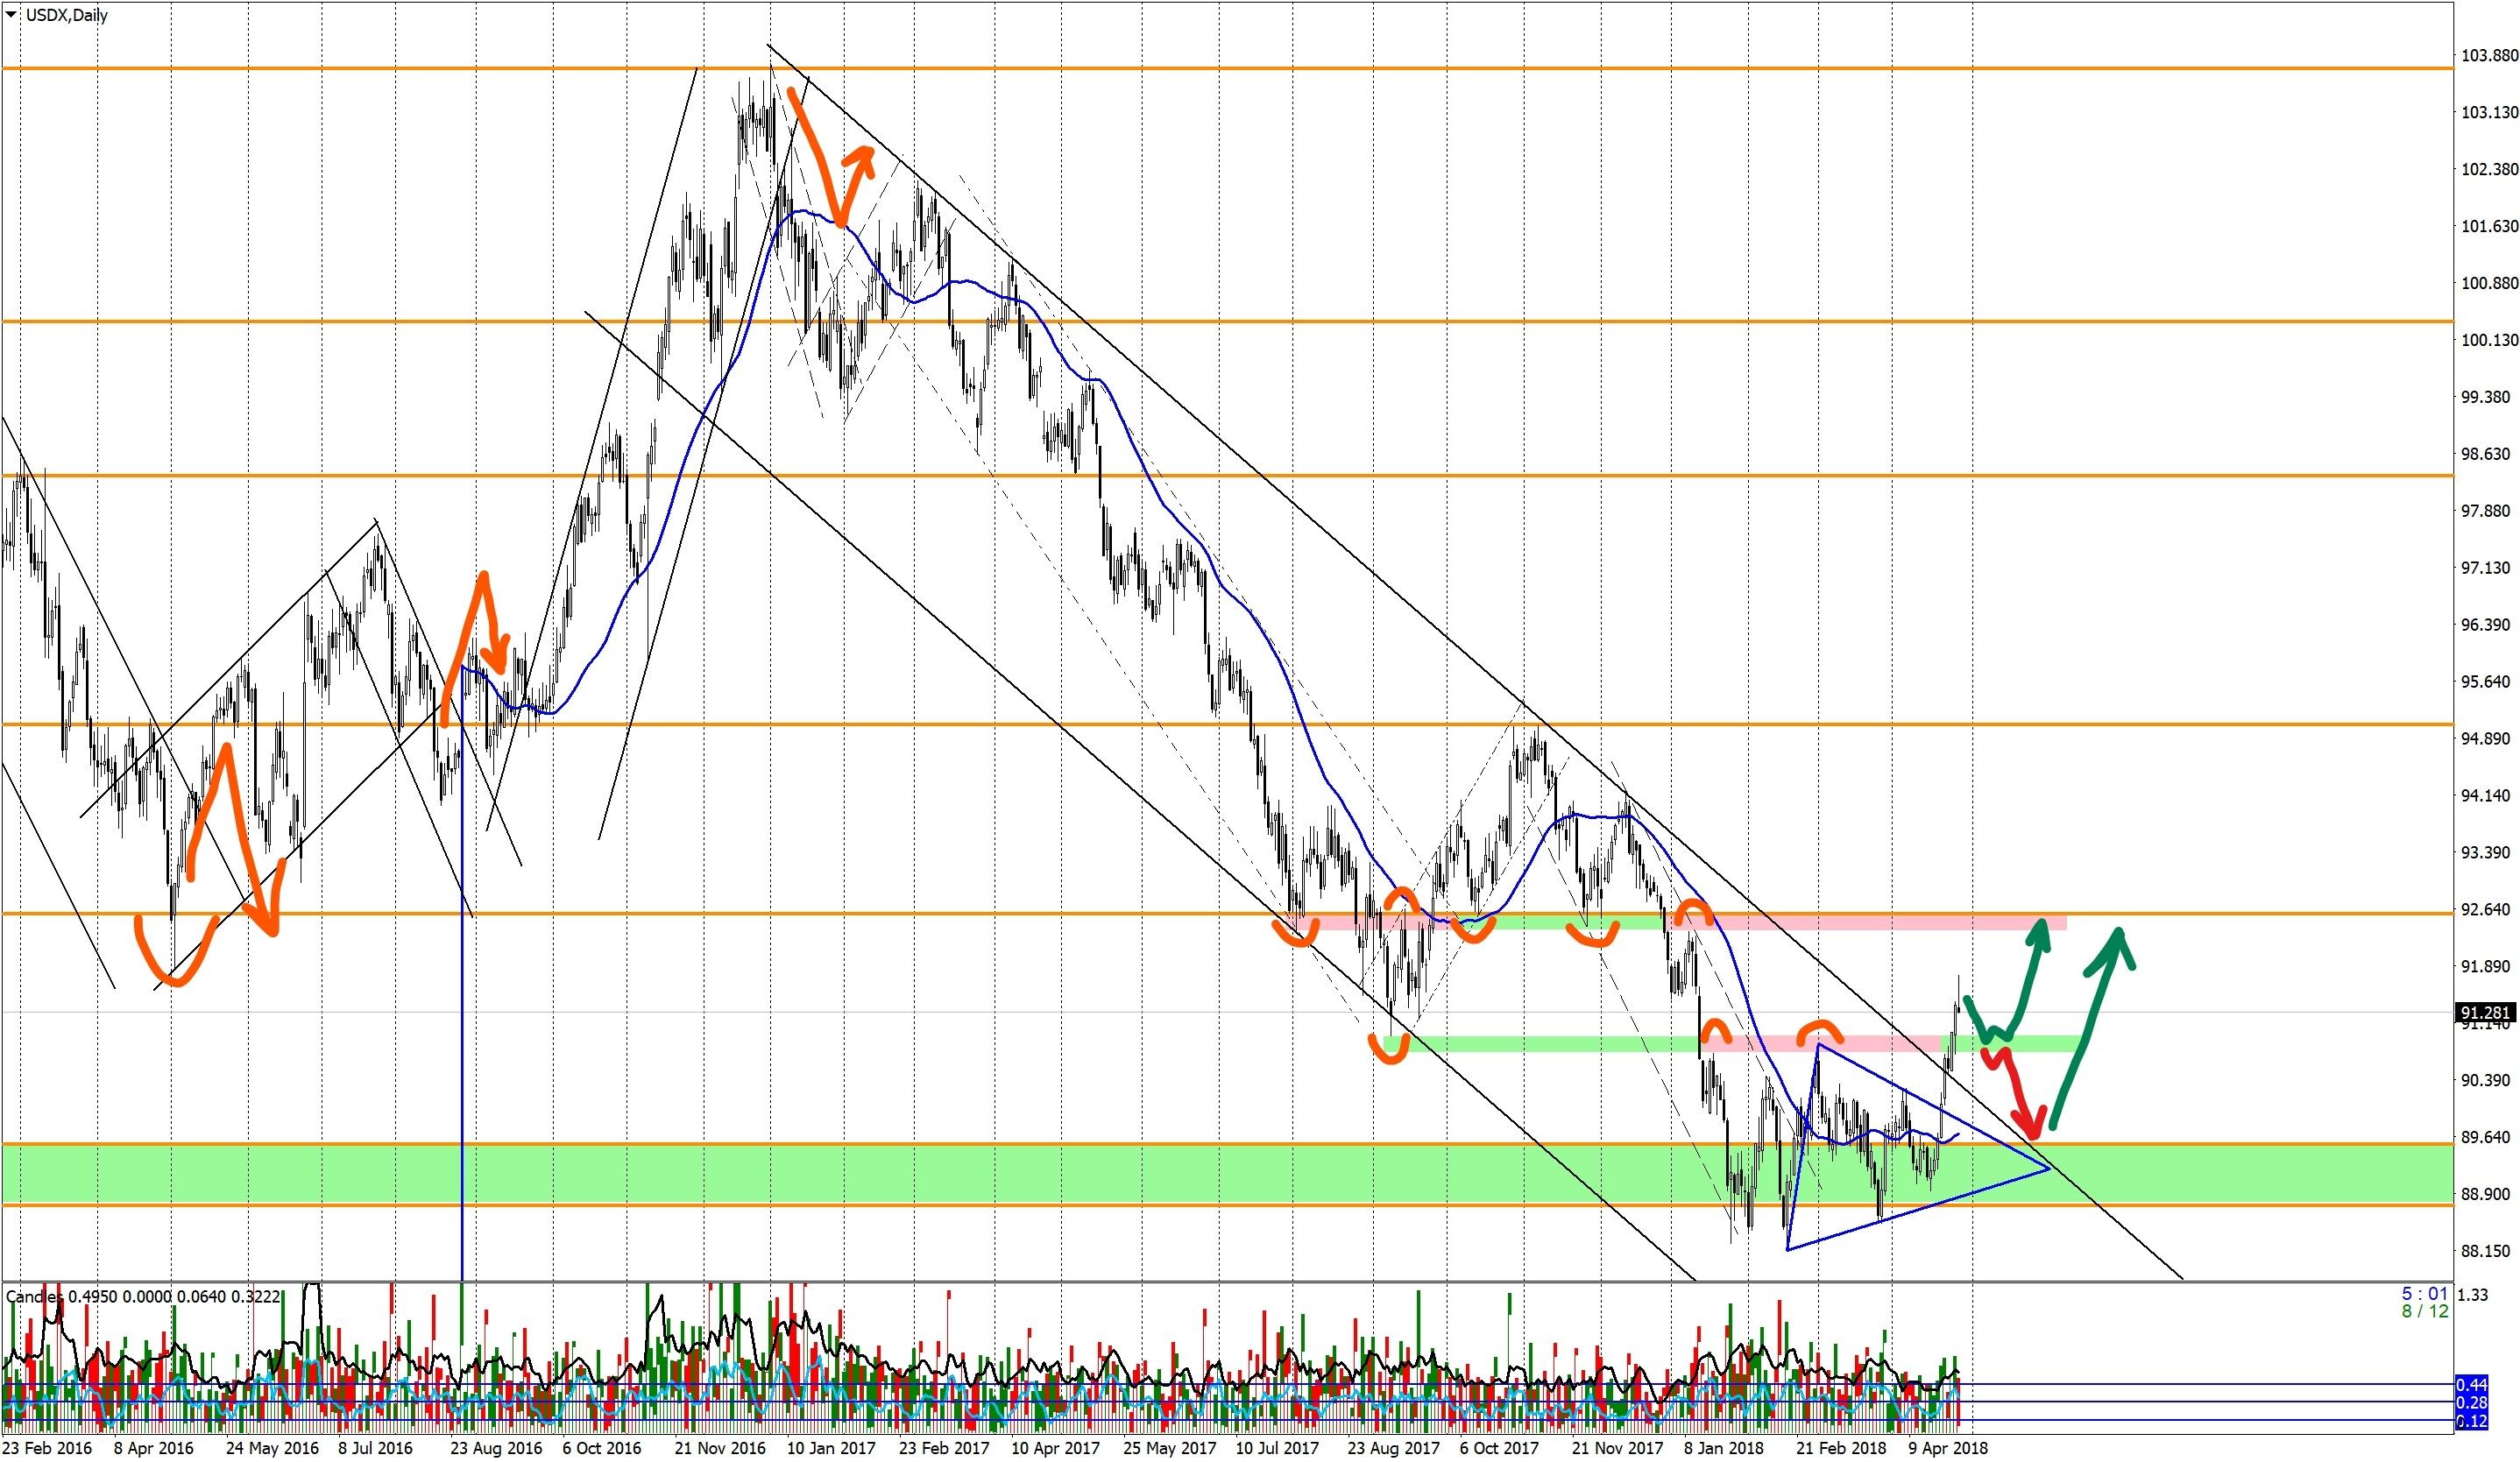 Прогноз по индексу доллара USDX-280418